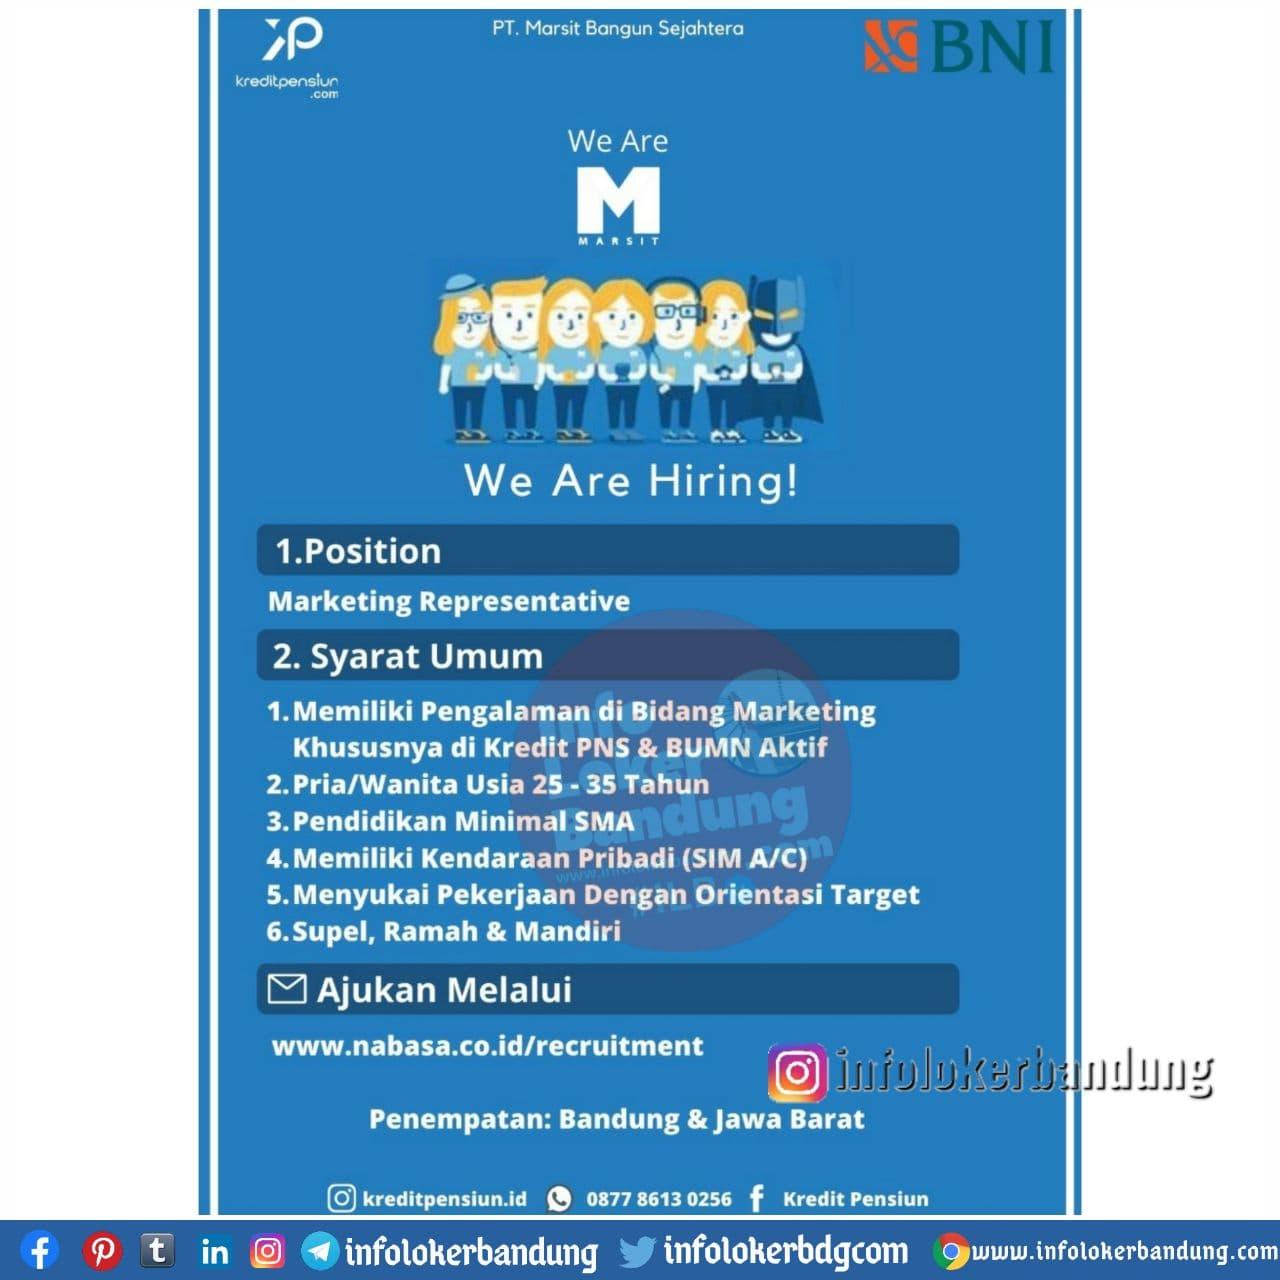 Lowongan Kerja PT. Marsit Bangun Sejahtera Bandung Desember 2020